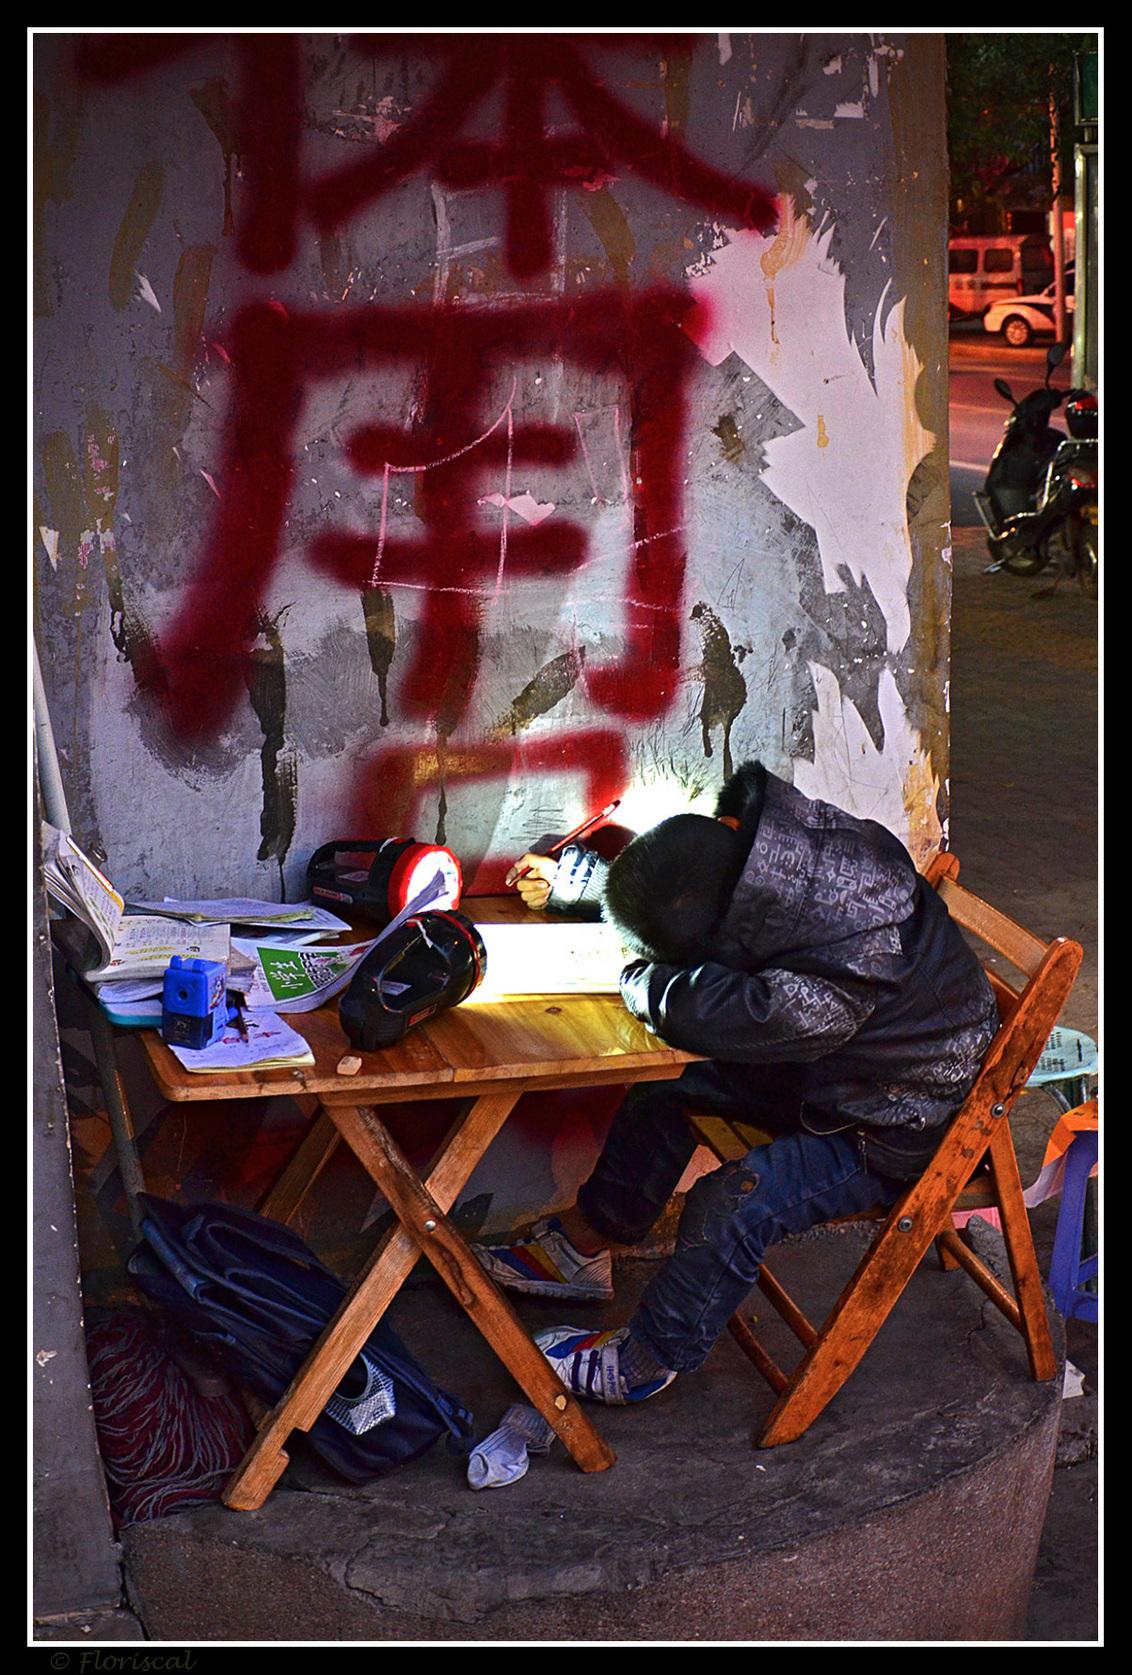 Studie - Huiswerk maken. Het is zo vanzelfsprekend, op je kamer met een muziekje erbij. Maar hier in China gaat dit niet altijd op. Hier op de hoek van de str - foto door Floriscal op 10-06-2015 - deze foto bevat: straat, avond, stad, kind, china, straatfotografie